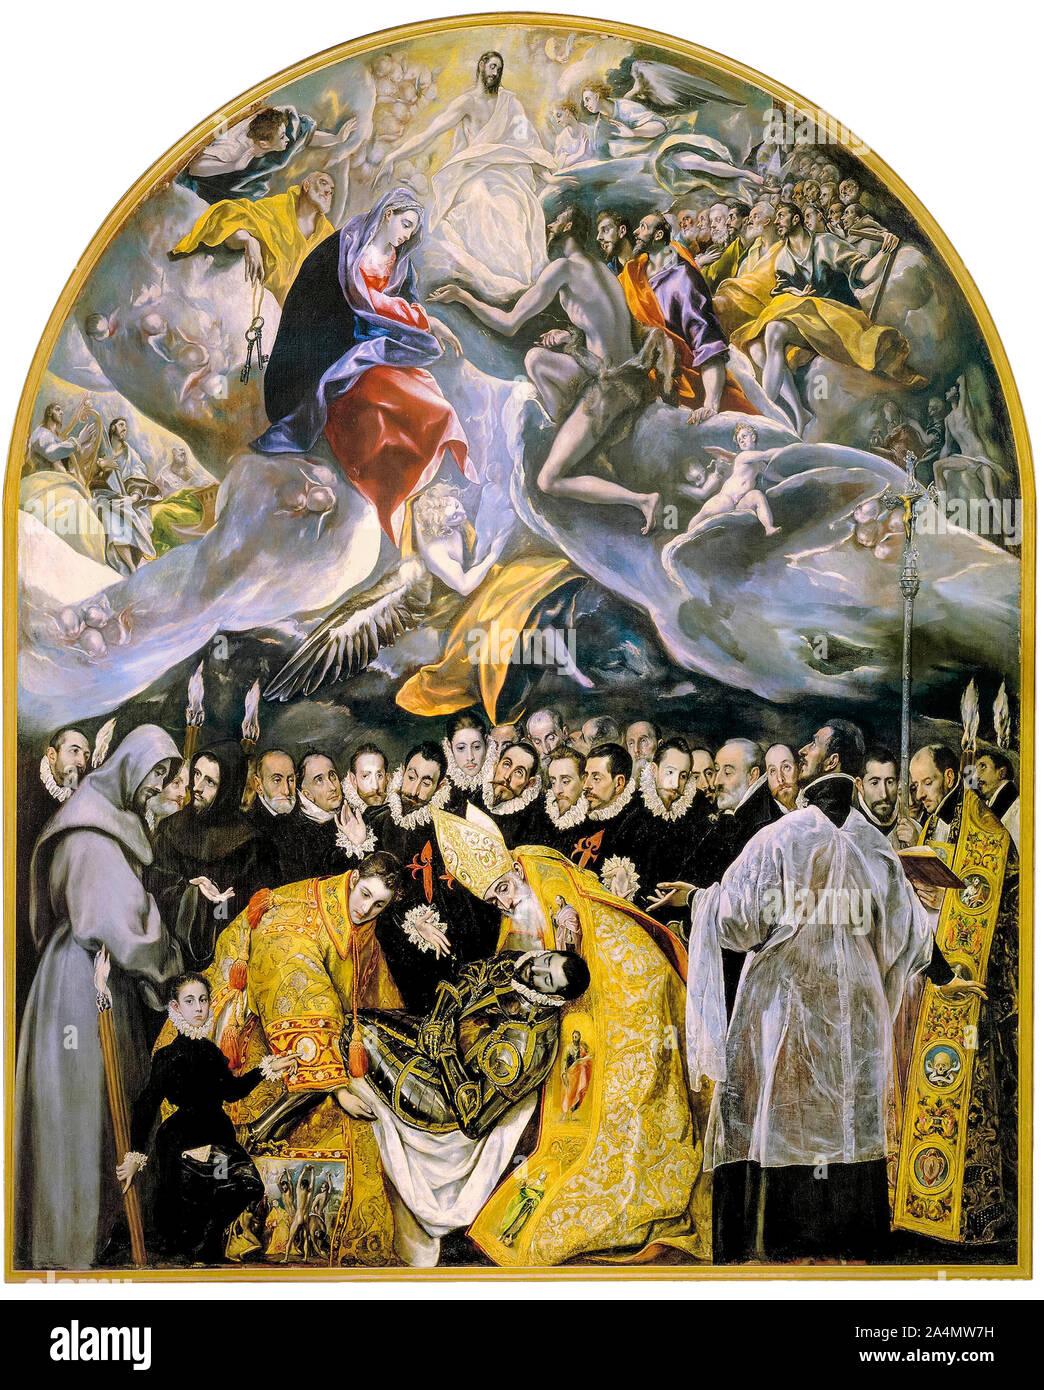 Enterrement Du Comte D Orgaz : enterrement, comte, orgaz, Greco,, L'enterrement, Comte, D'Orgaz,, Peinture,, 1586-1588, Photo, Stock, Alamy